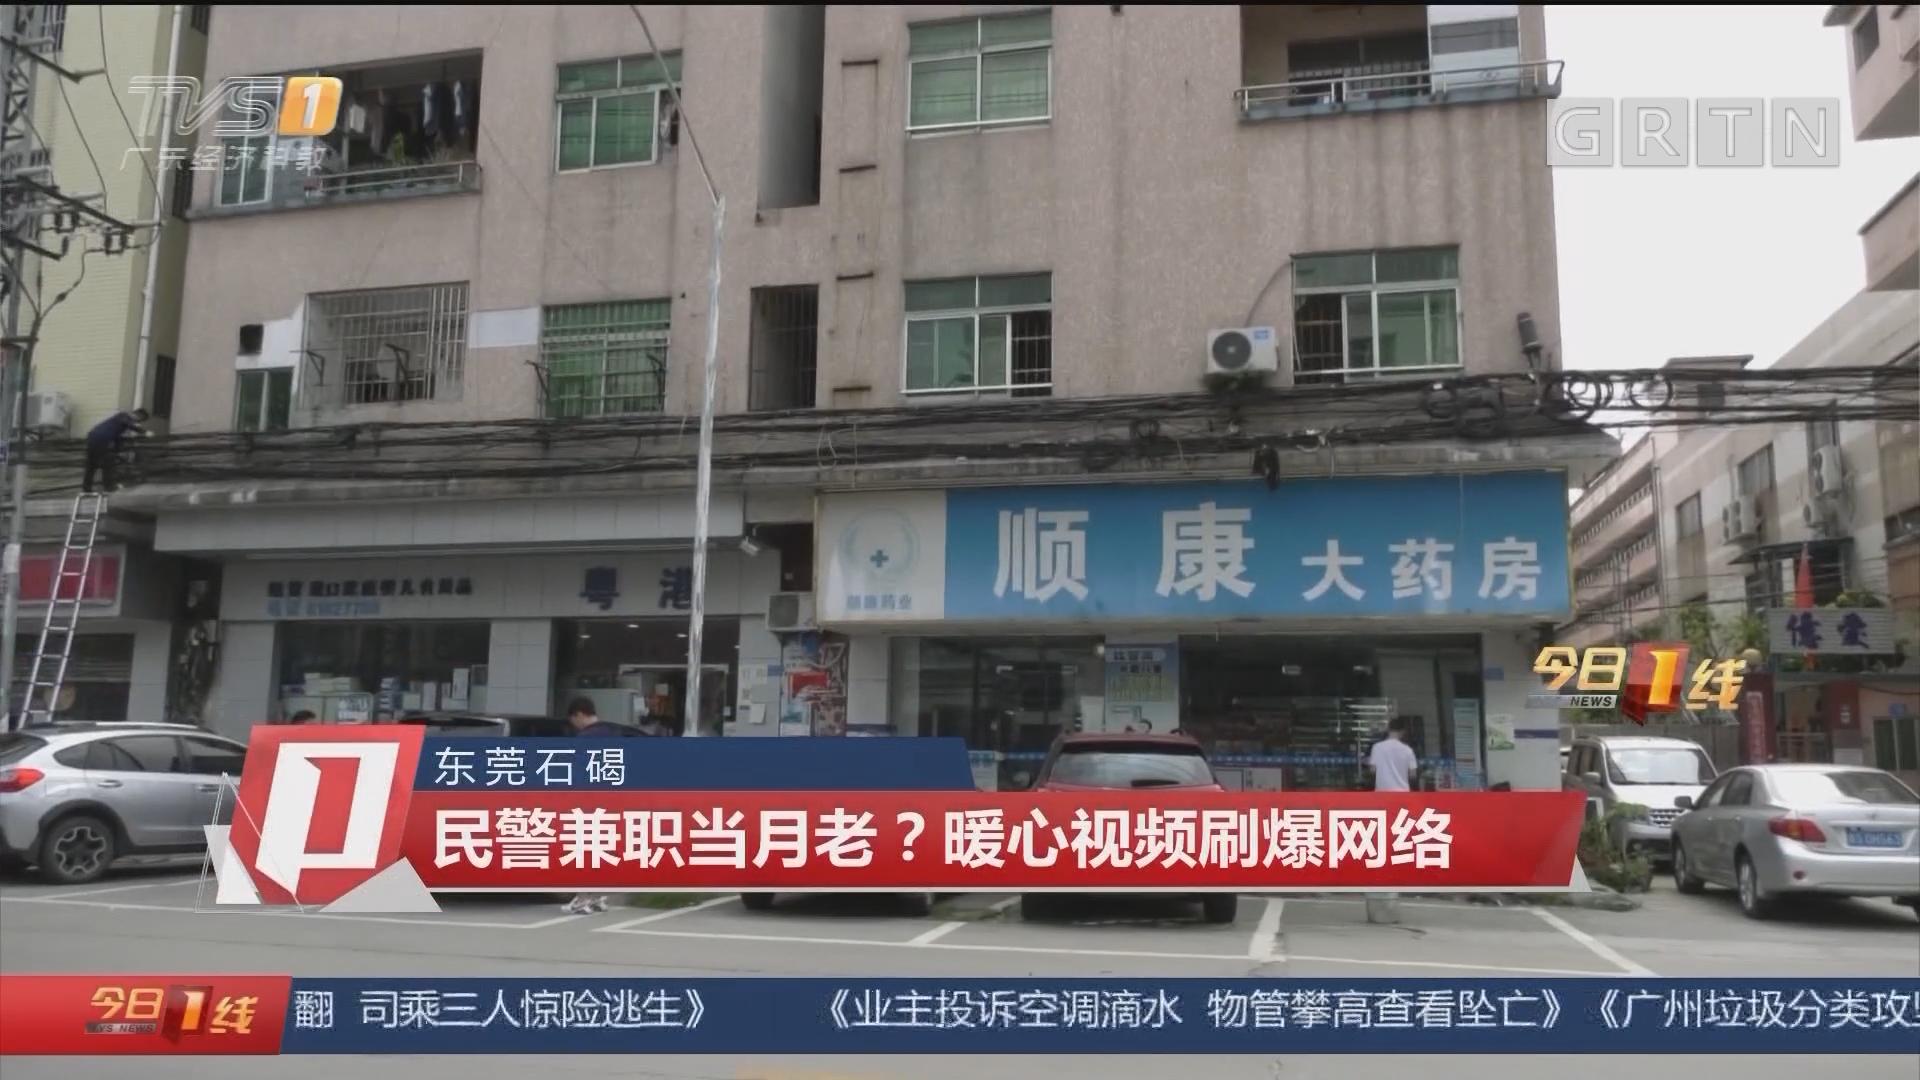 東莞石碣:民警兼職當月老?暖心視頻刷爆網絡